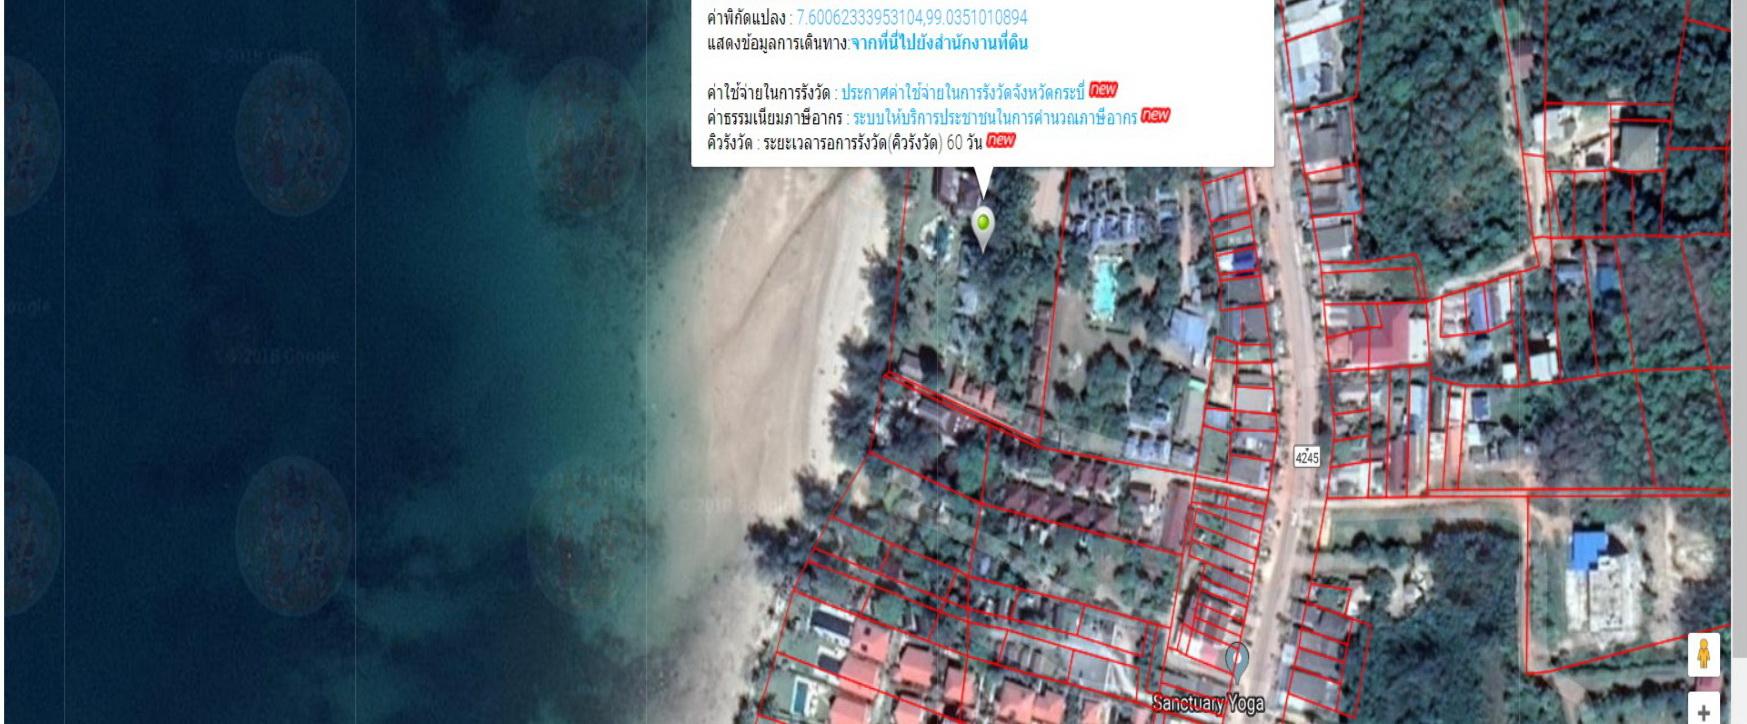 ขายที่ดินเปล่า ใกล้ทะเล 2.5 ไร่ อ.เกาะลันตา จ.กระบี่